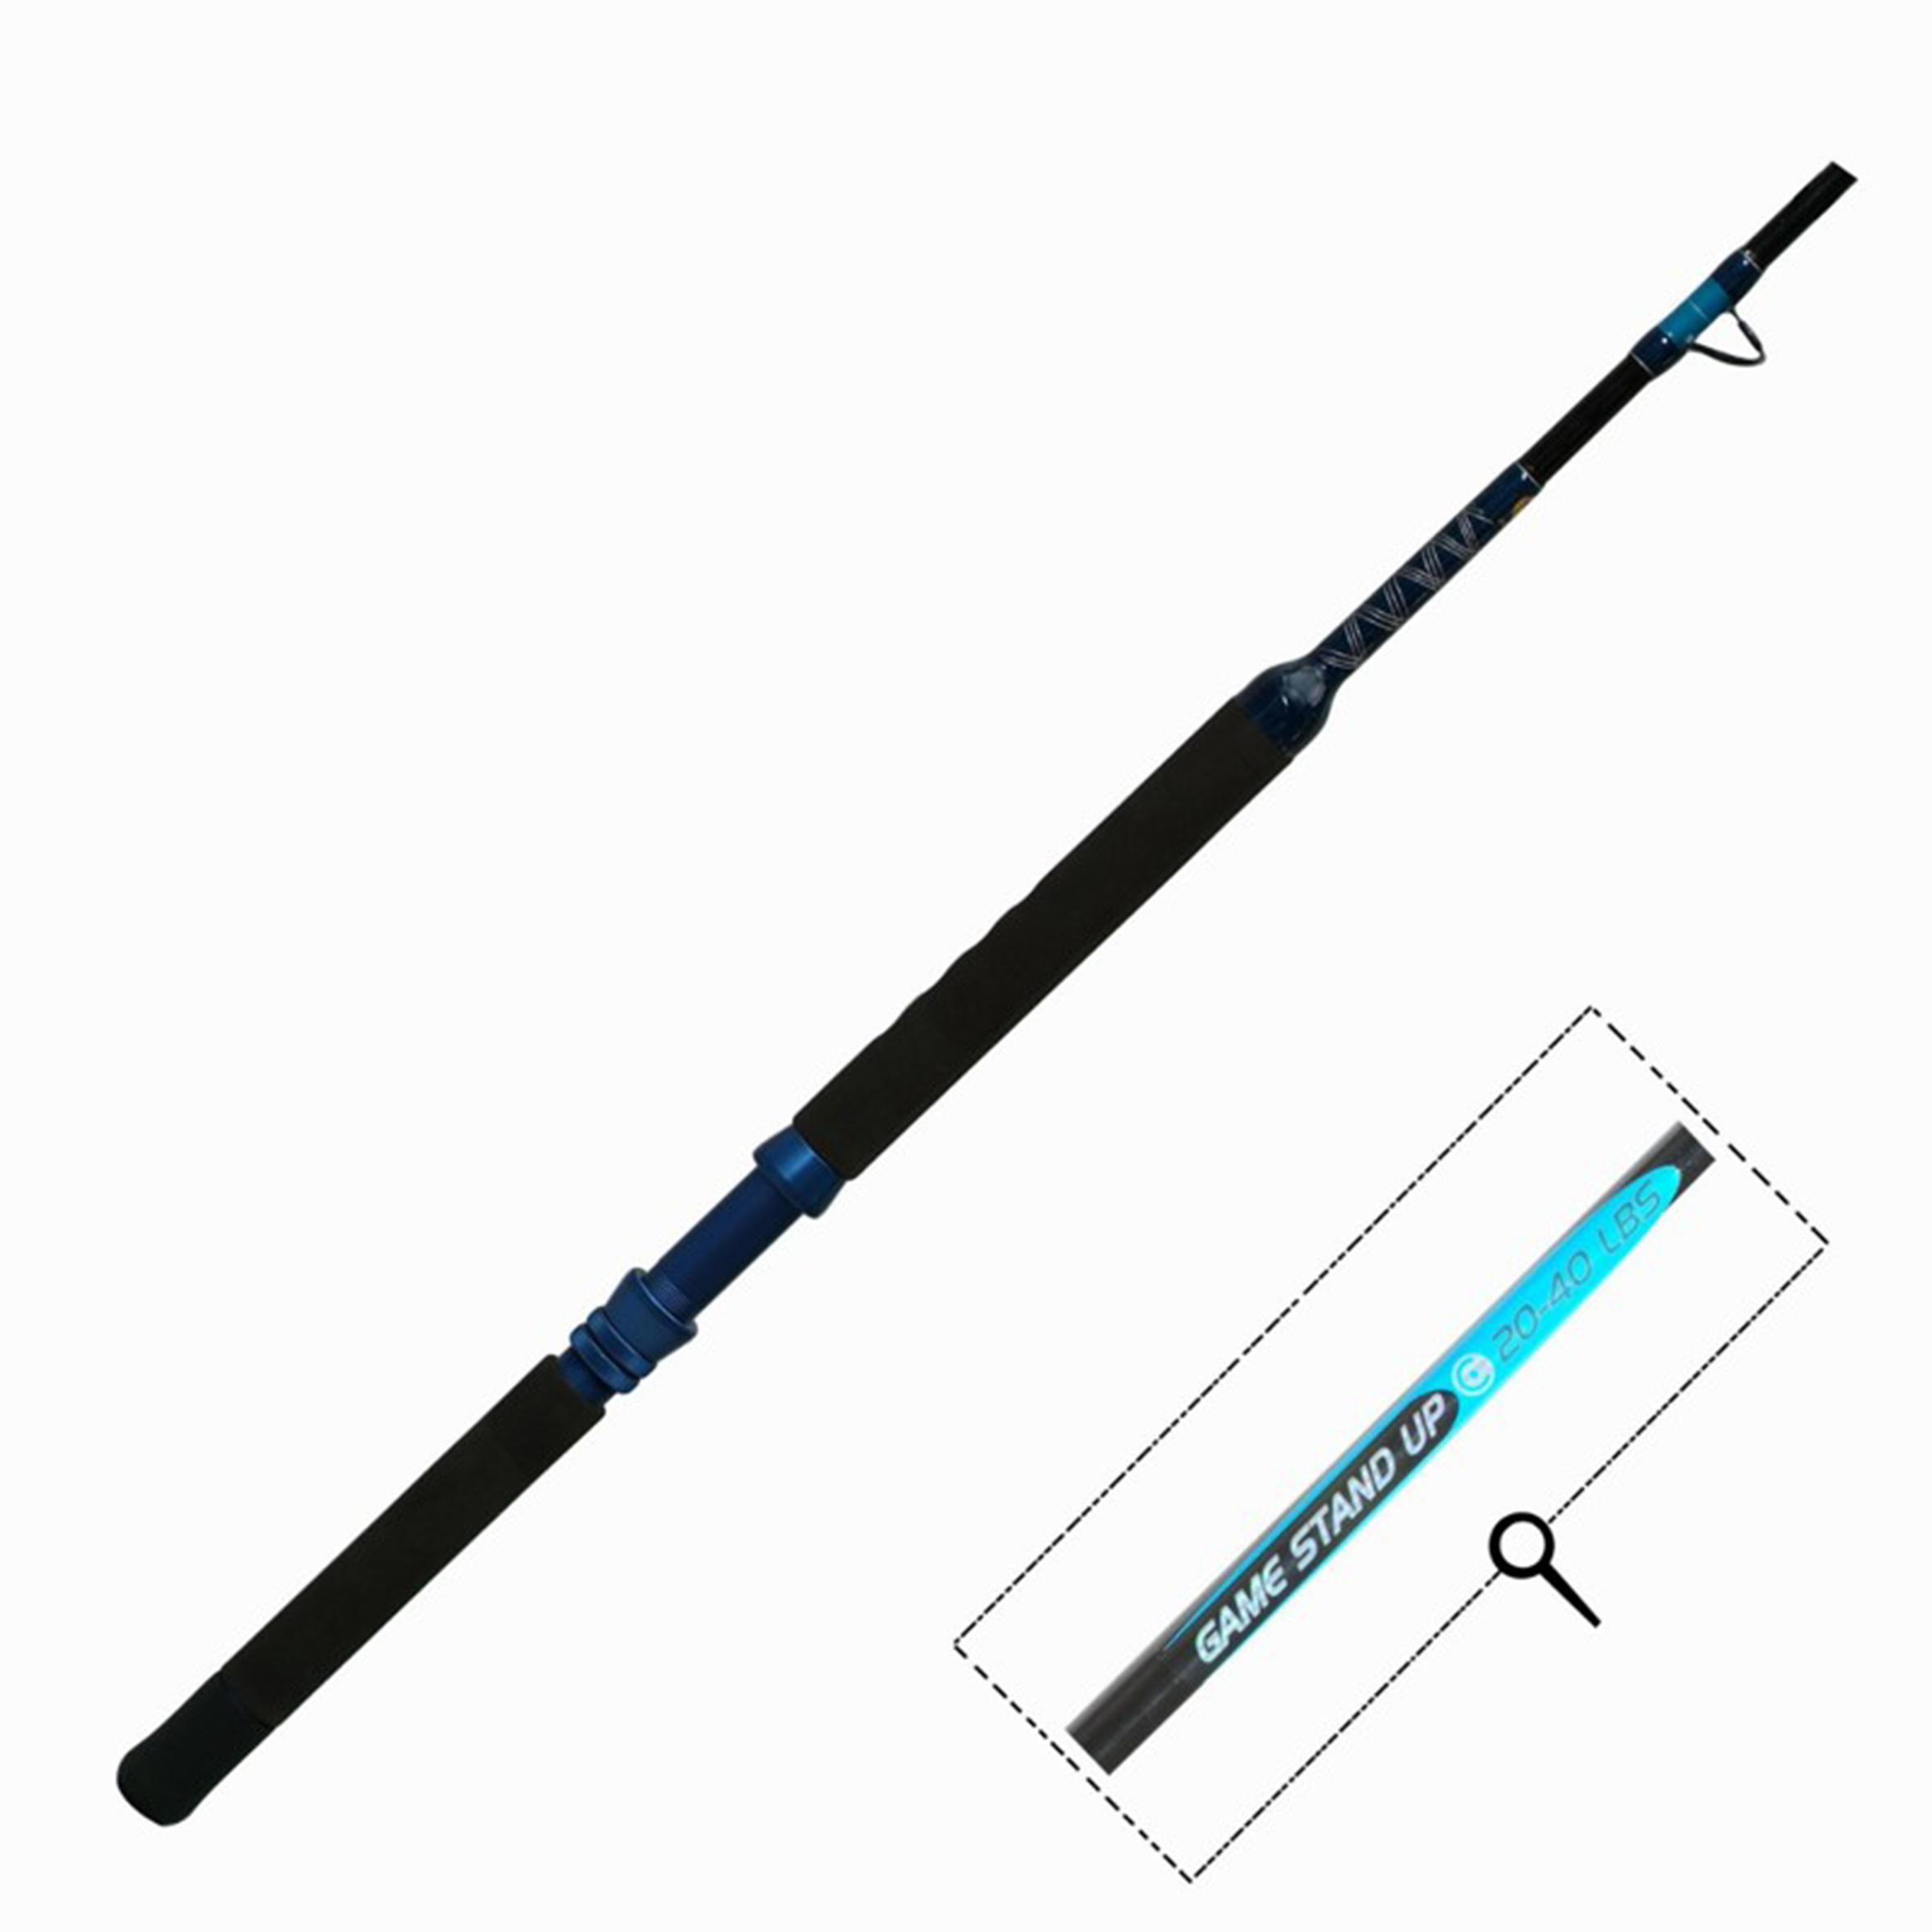 Caña para la pesca de troleo GAME 300 STAND UP 20/40 LB